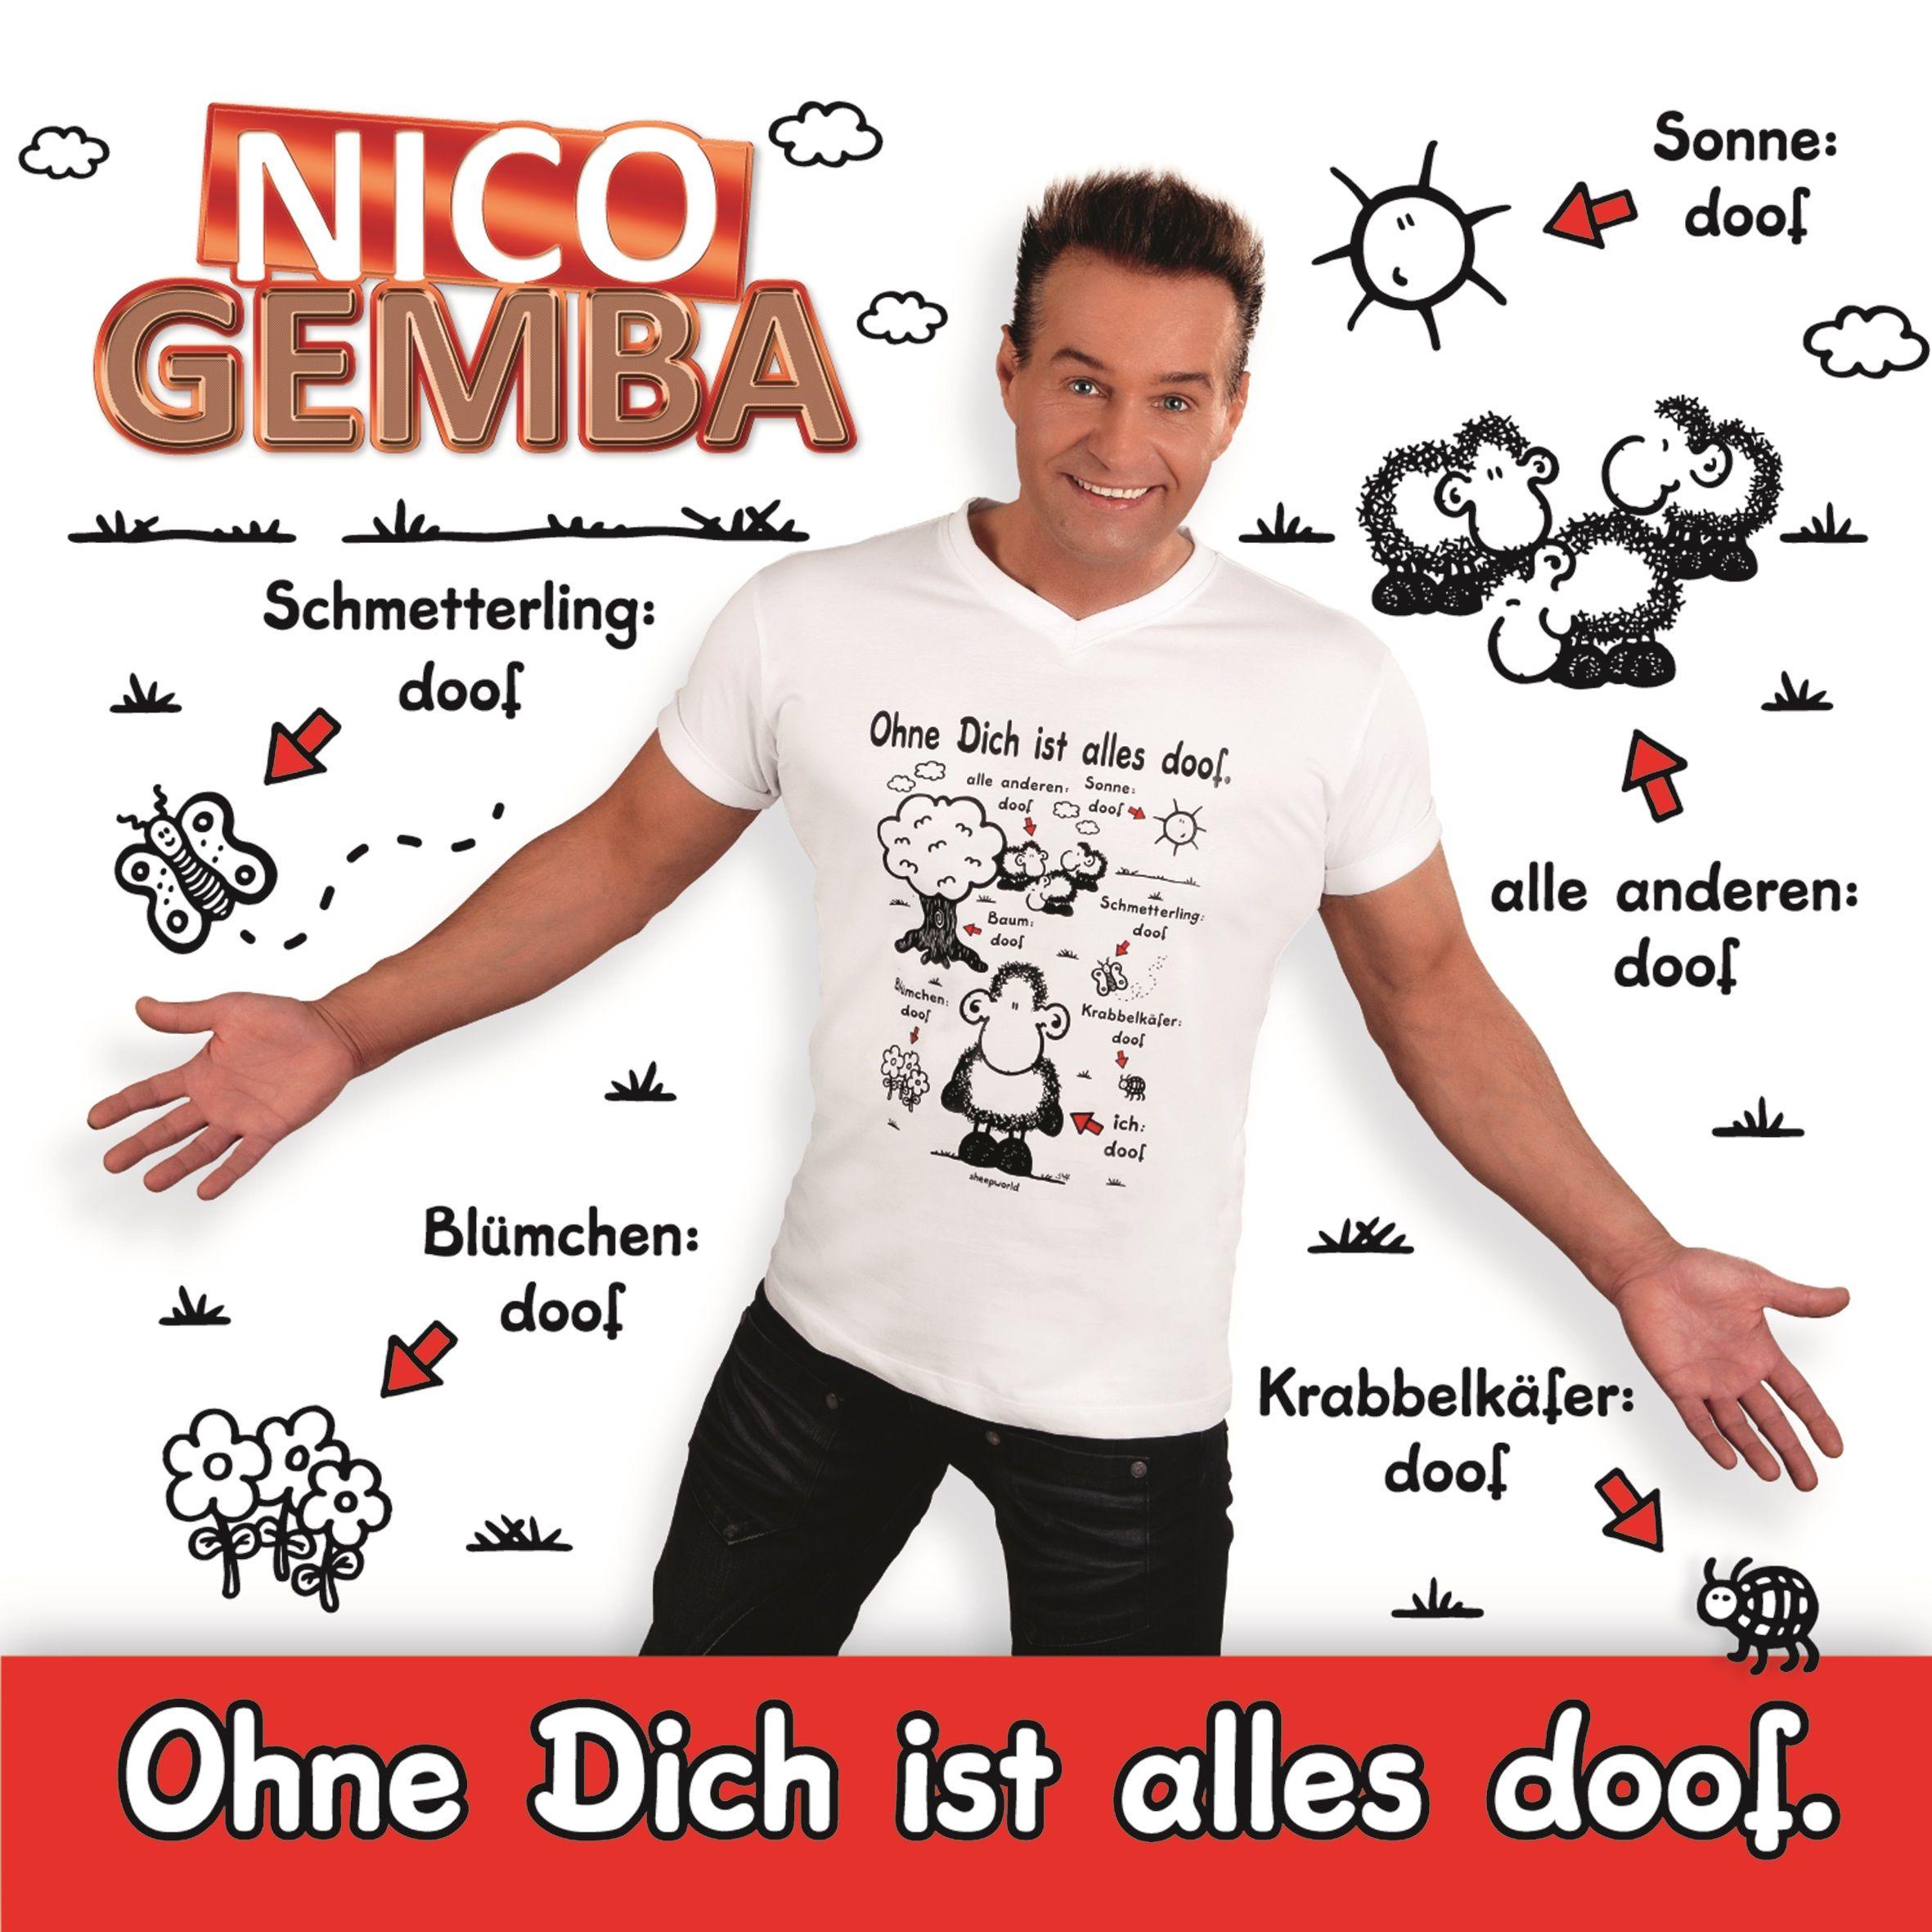 """OUT NOW!  Heute ist es endlich so weit ♥: Der Song """"Ohne Dich ist alles doof"""" von Nico Gemba ist ab sofort im Handel, auf allen Downloadportalen,bei iTunes https://goo.gl/Cc9ld6, bei Amazon goo.gl/VI40EH und auch im sheepworld Shop erhältlich http://goo.gl/20cSWK! Da unser Sören auch gerne mal die Charts stürmen möchte, hoffen wir auf Eure Unterstützung!"""